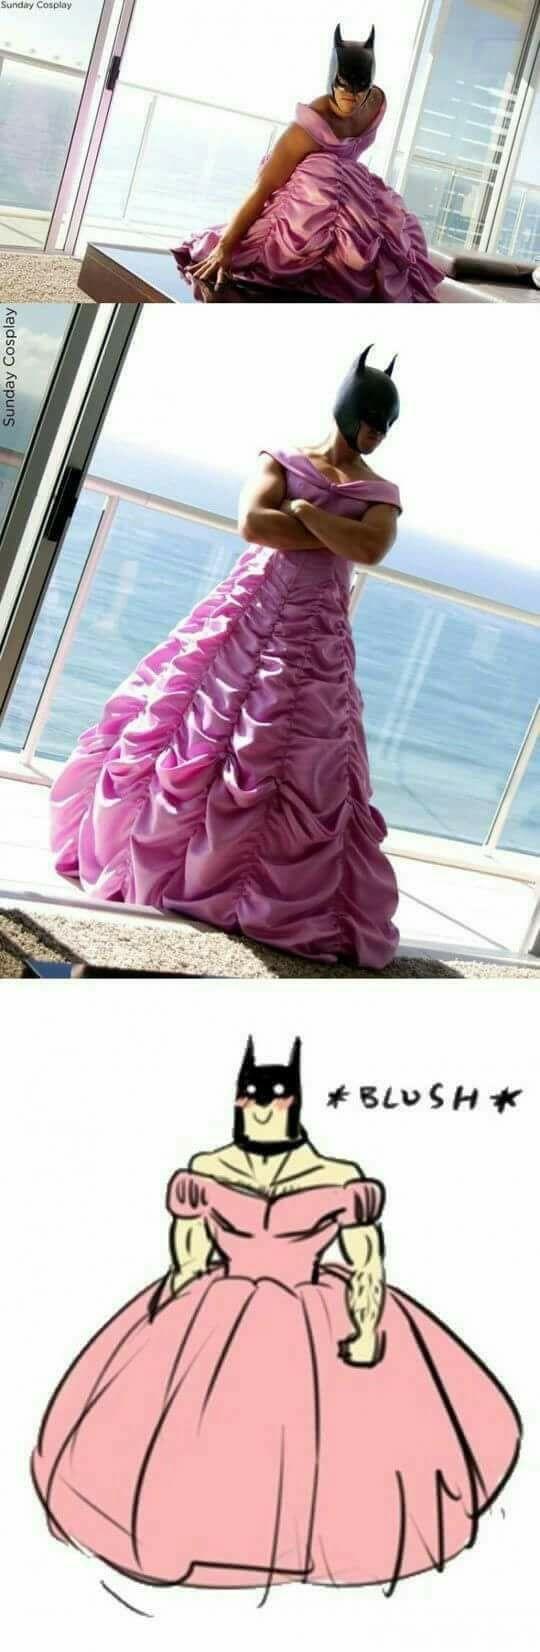 ... Batman ? Batgirl ? - meme